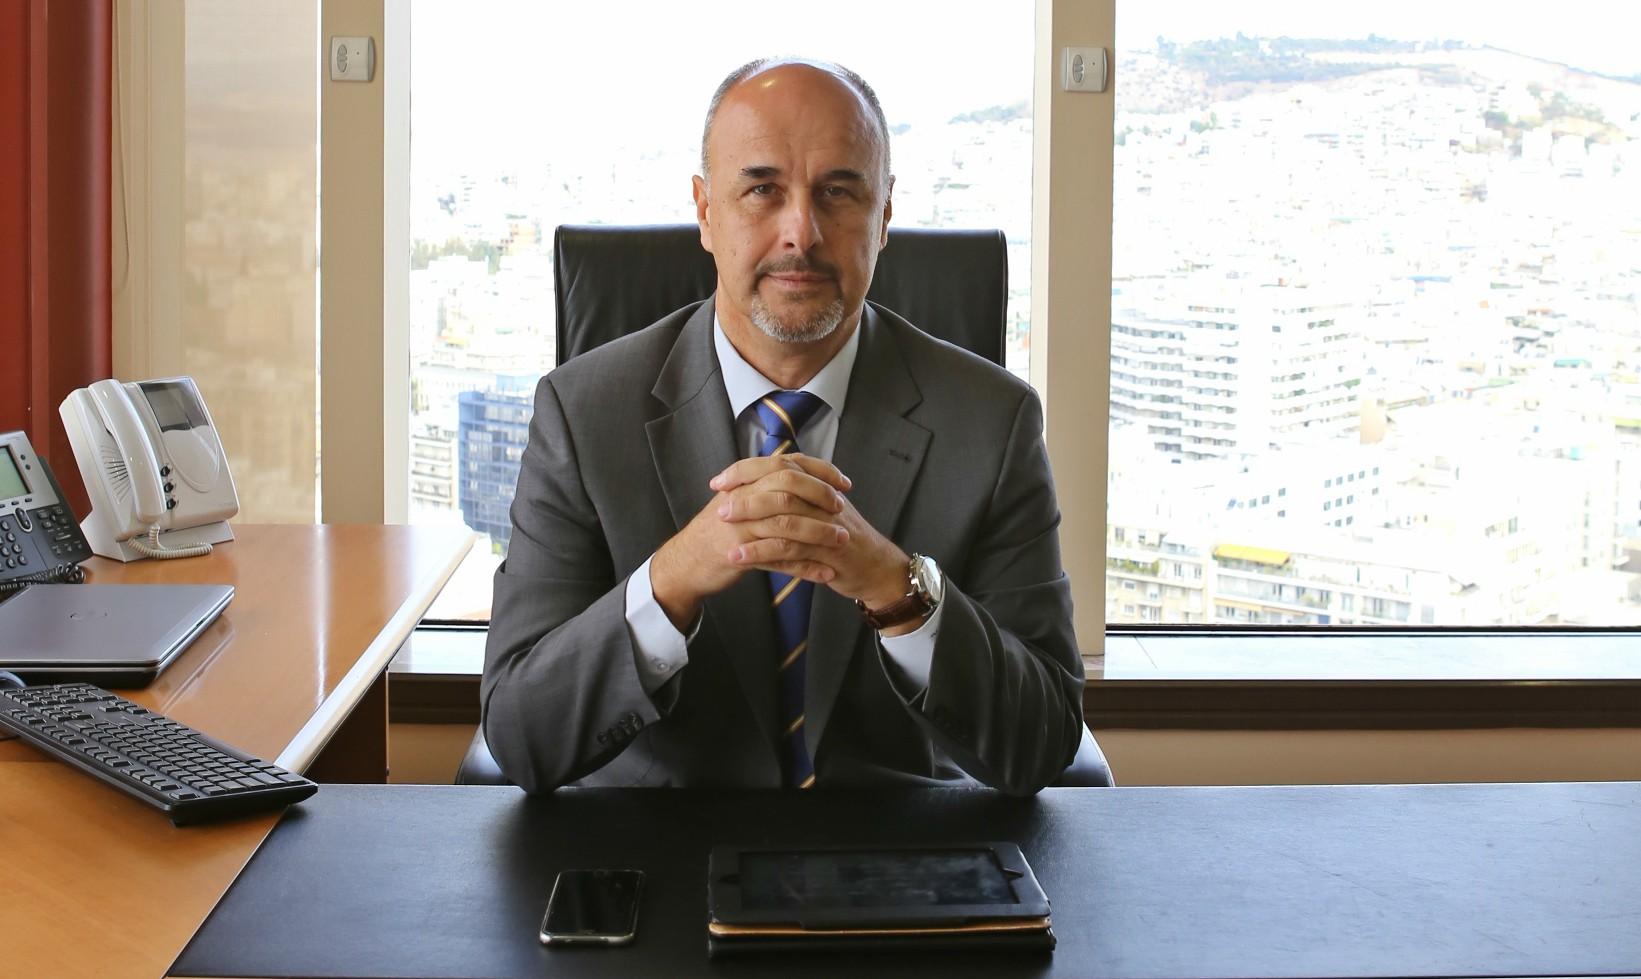 ο κ. Μανώλης Κούτης, Διευθυντής Πωλήσεων στην Interamerican